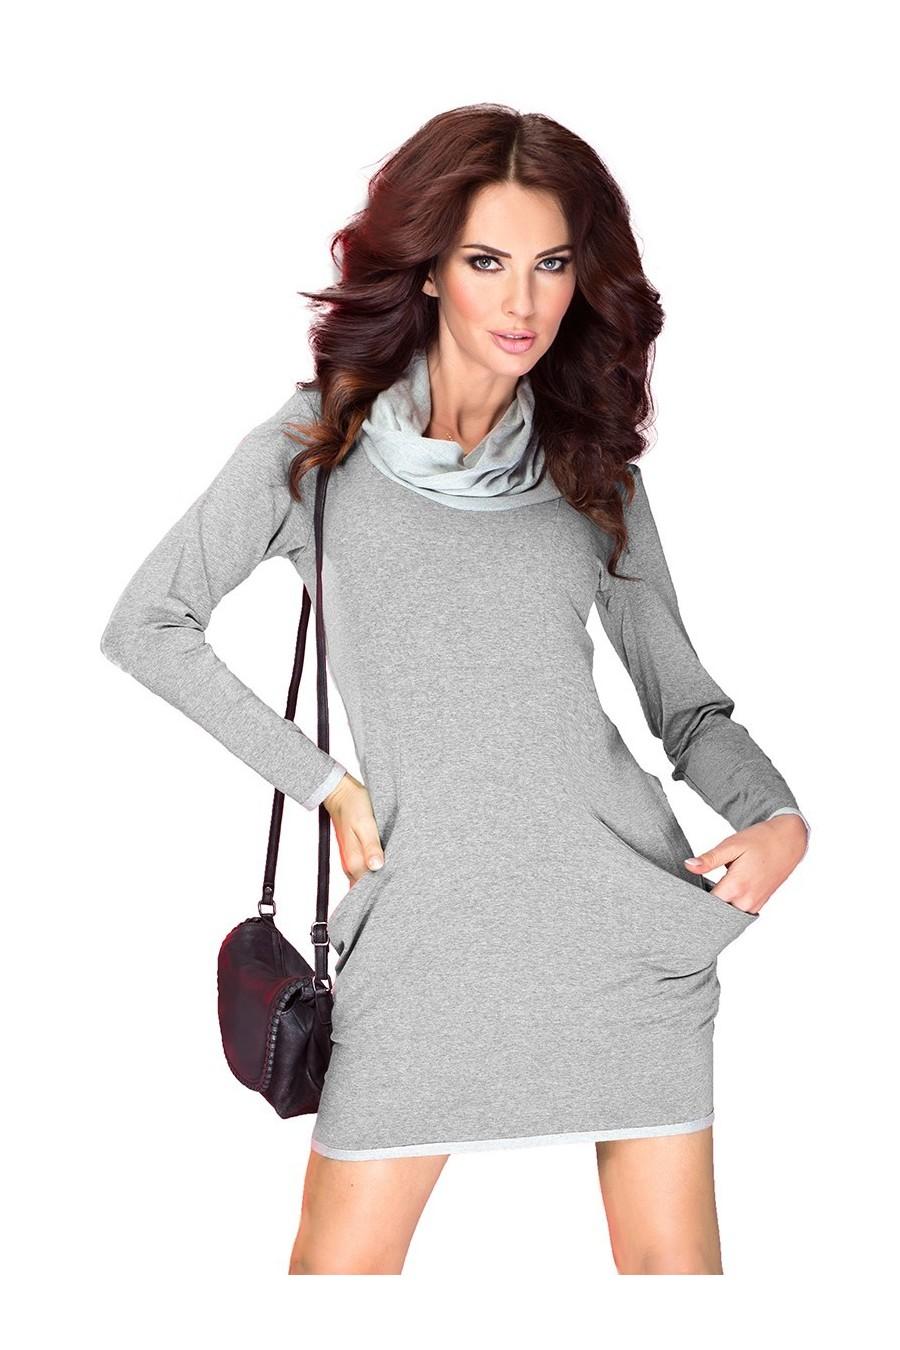 Golf - šaty s velkými kapsami - světle šedá 43-2